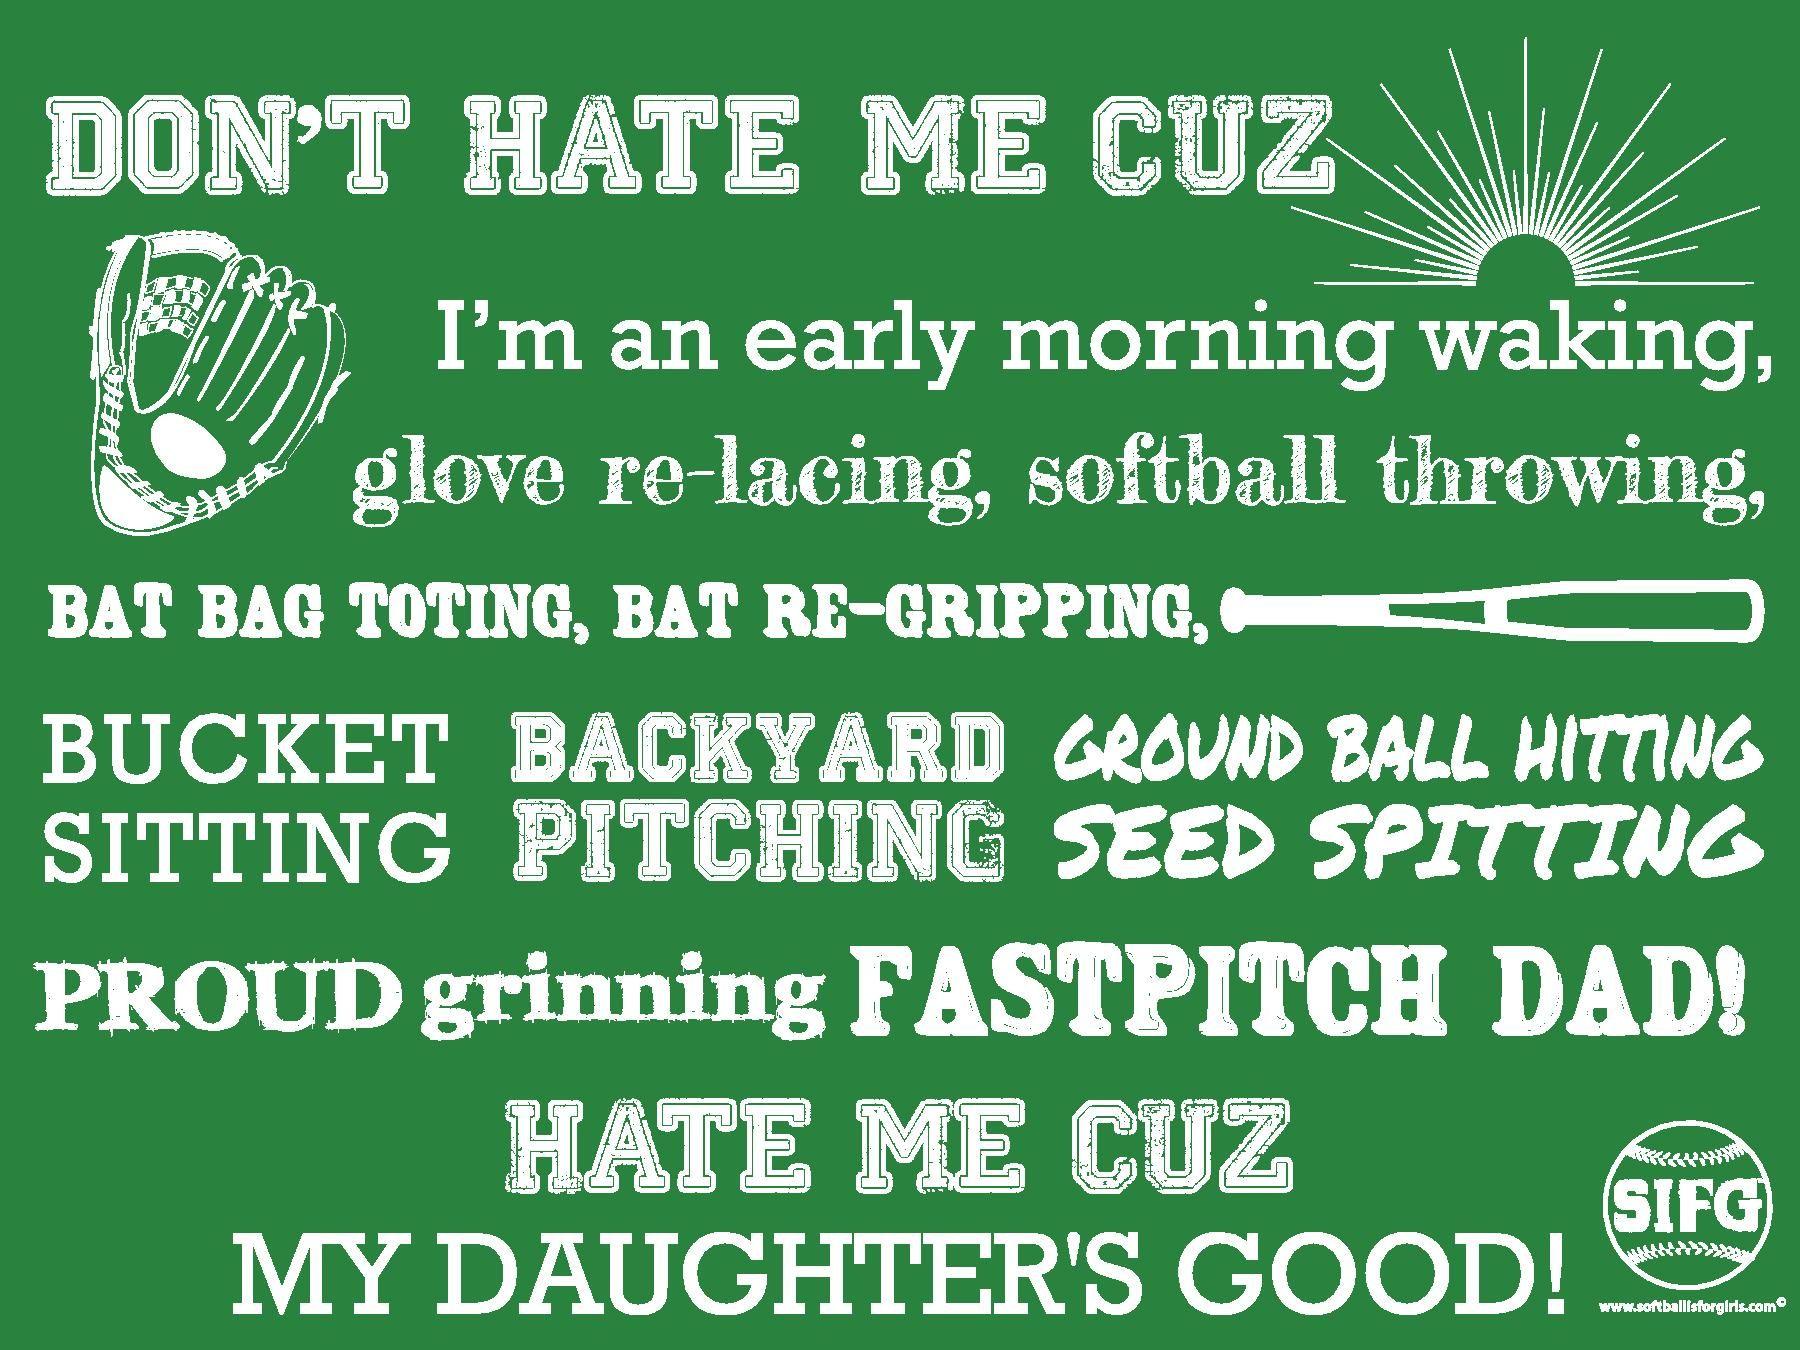 dads of fastpitch softball players shirt softball baseball ideas